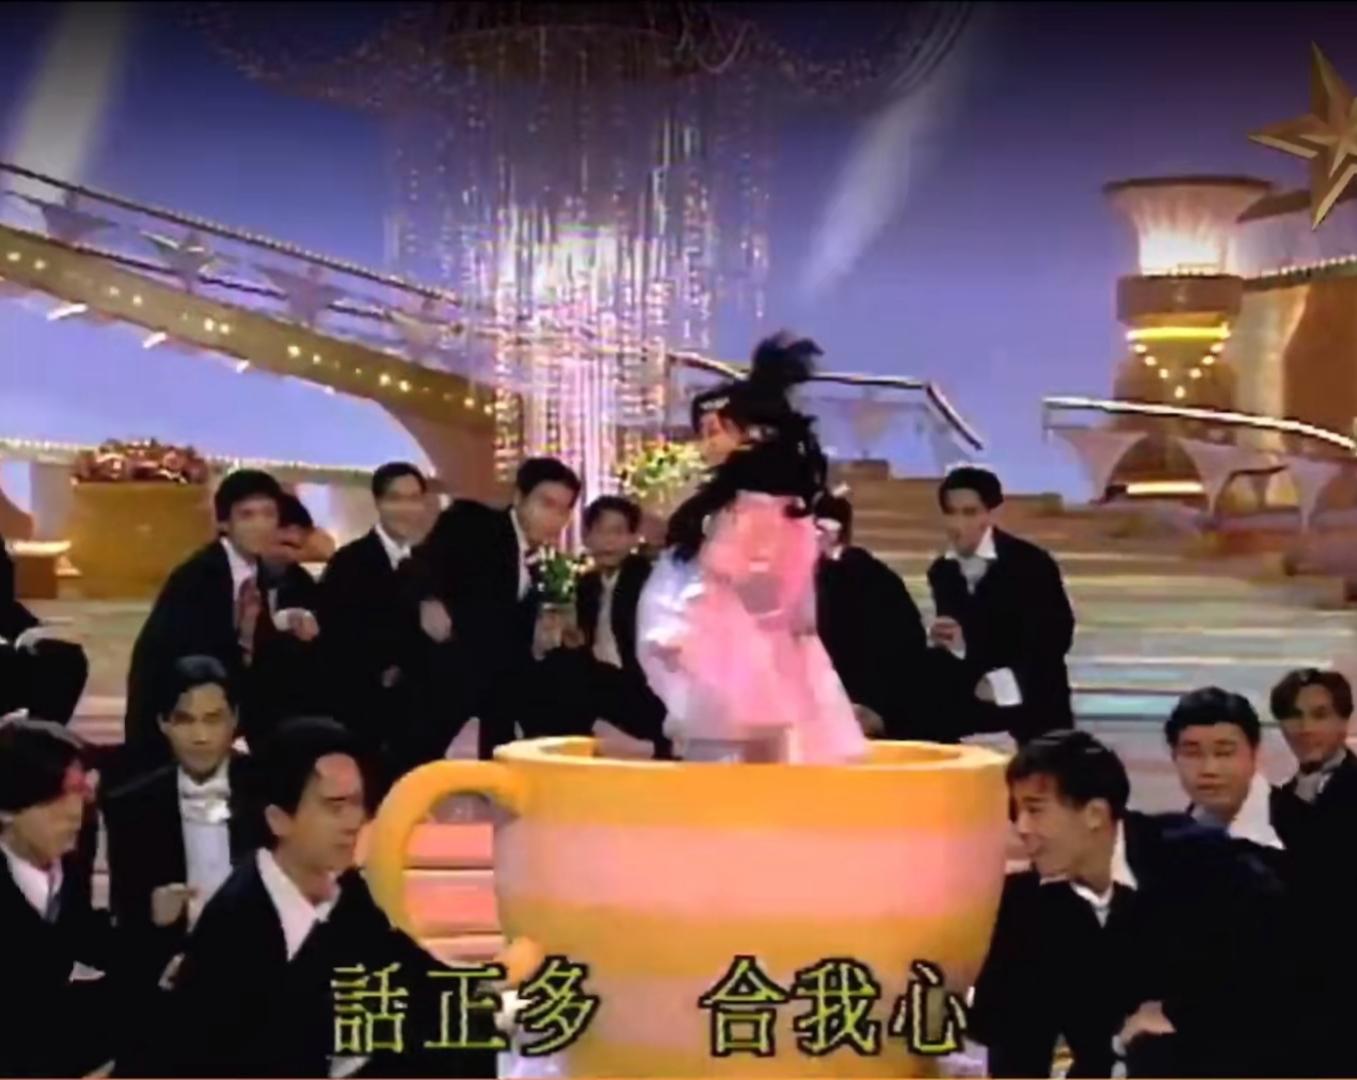 辉煌已不在!TVB53周年台庆星光黯淡,汪明荃郑裕玲强撑场面